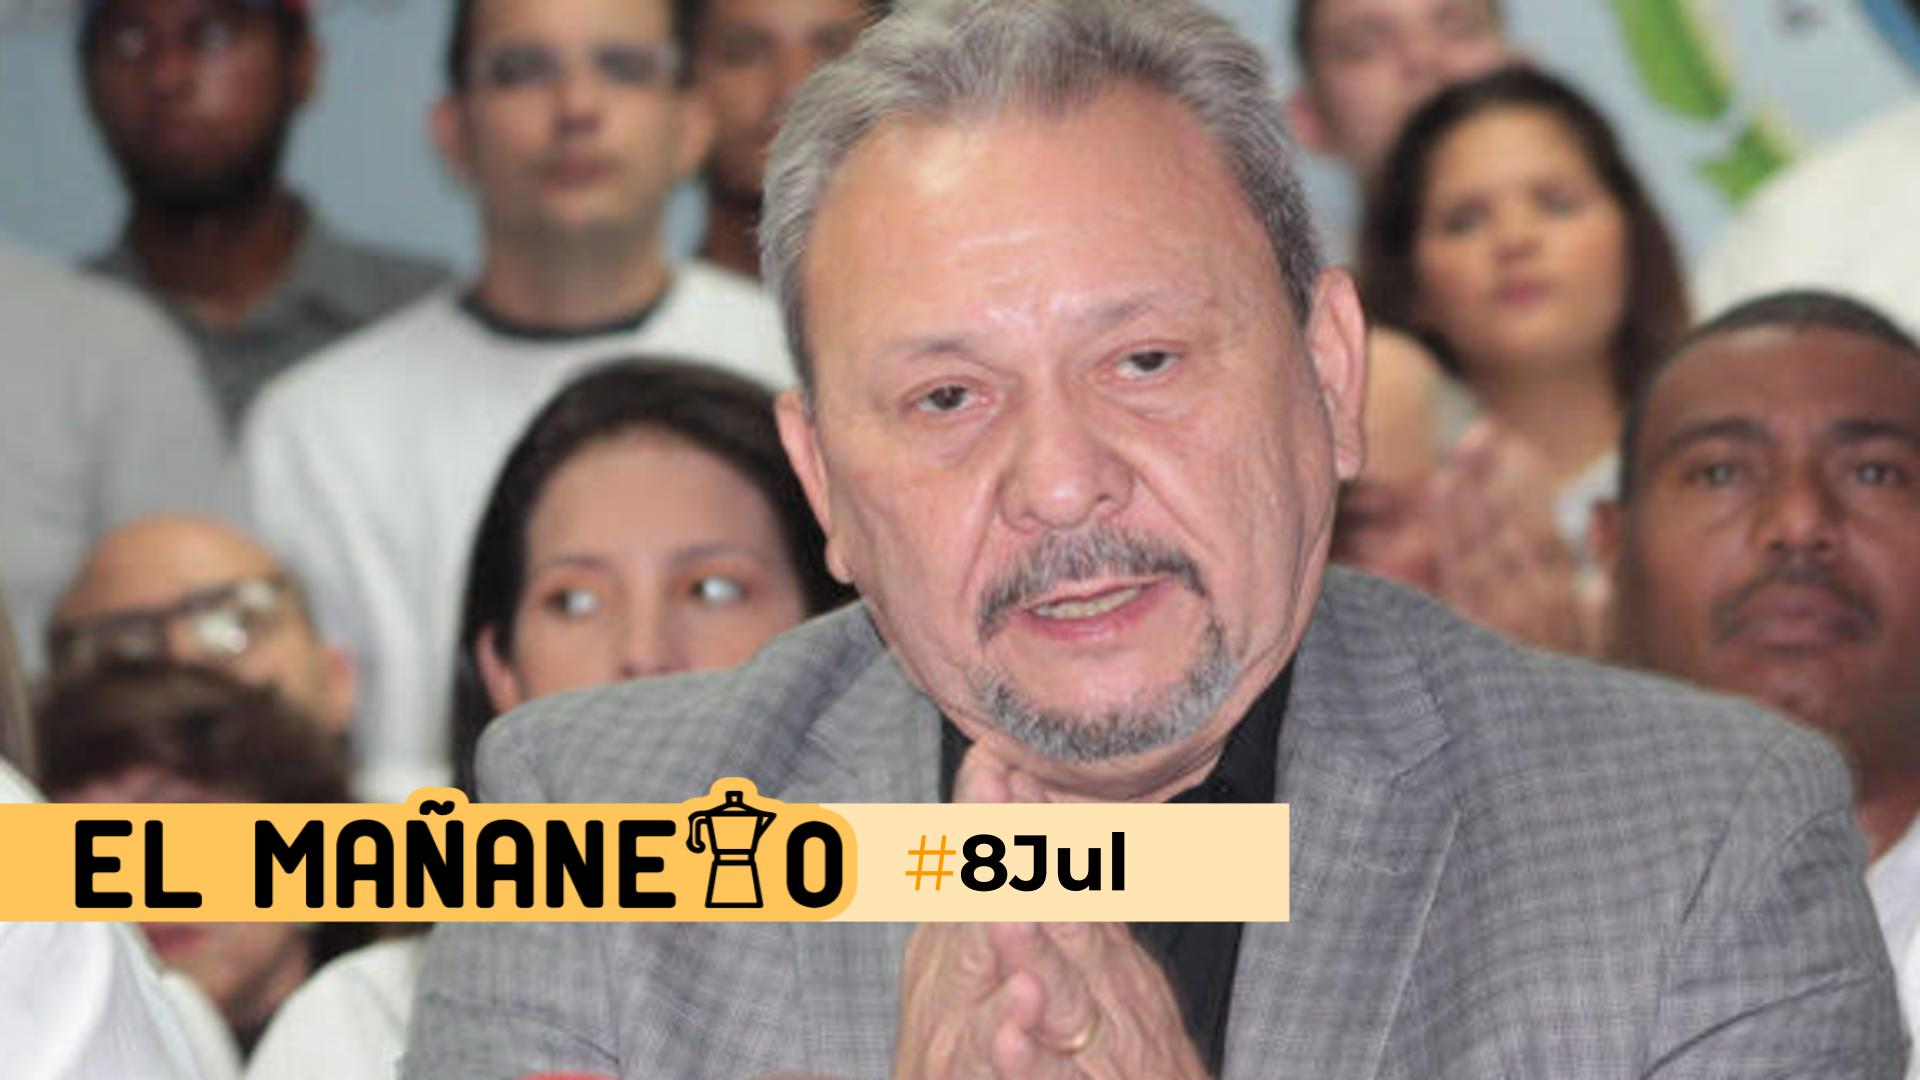 El Mañanero de hoy #8Jul: Las 8 noticias que debes saber